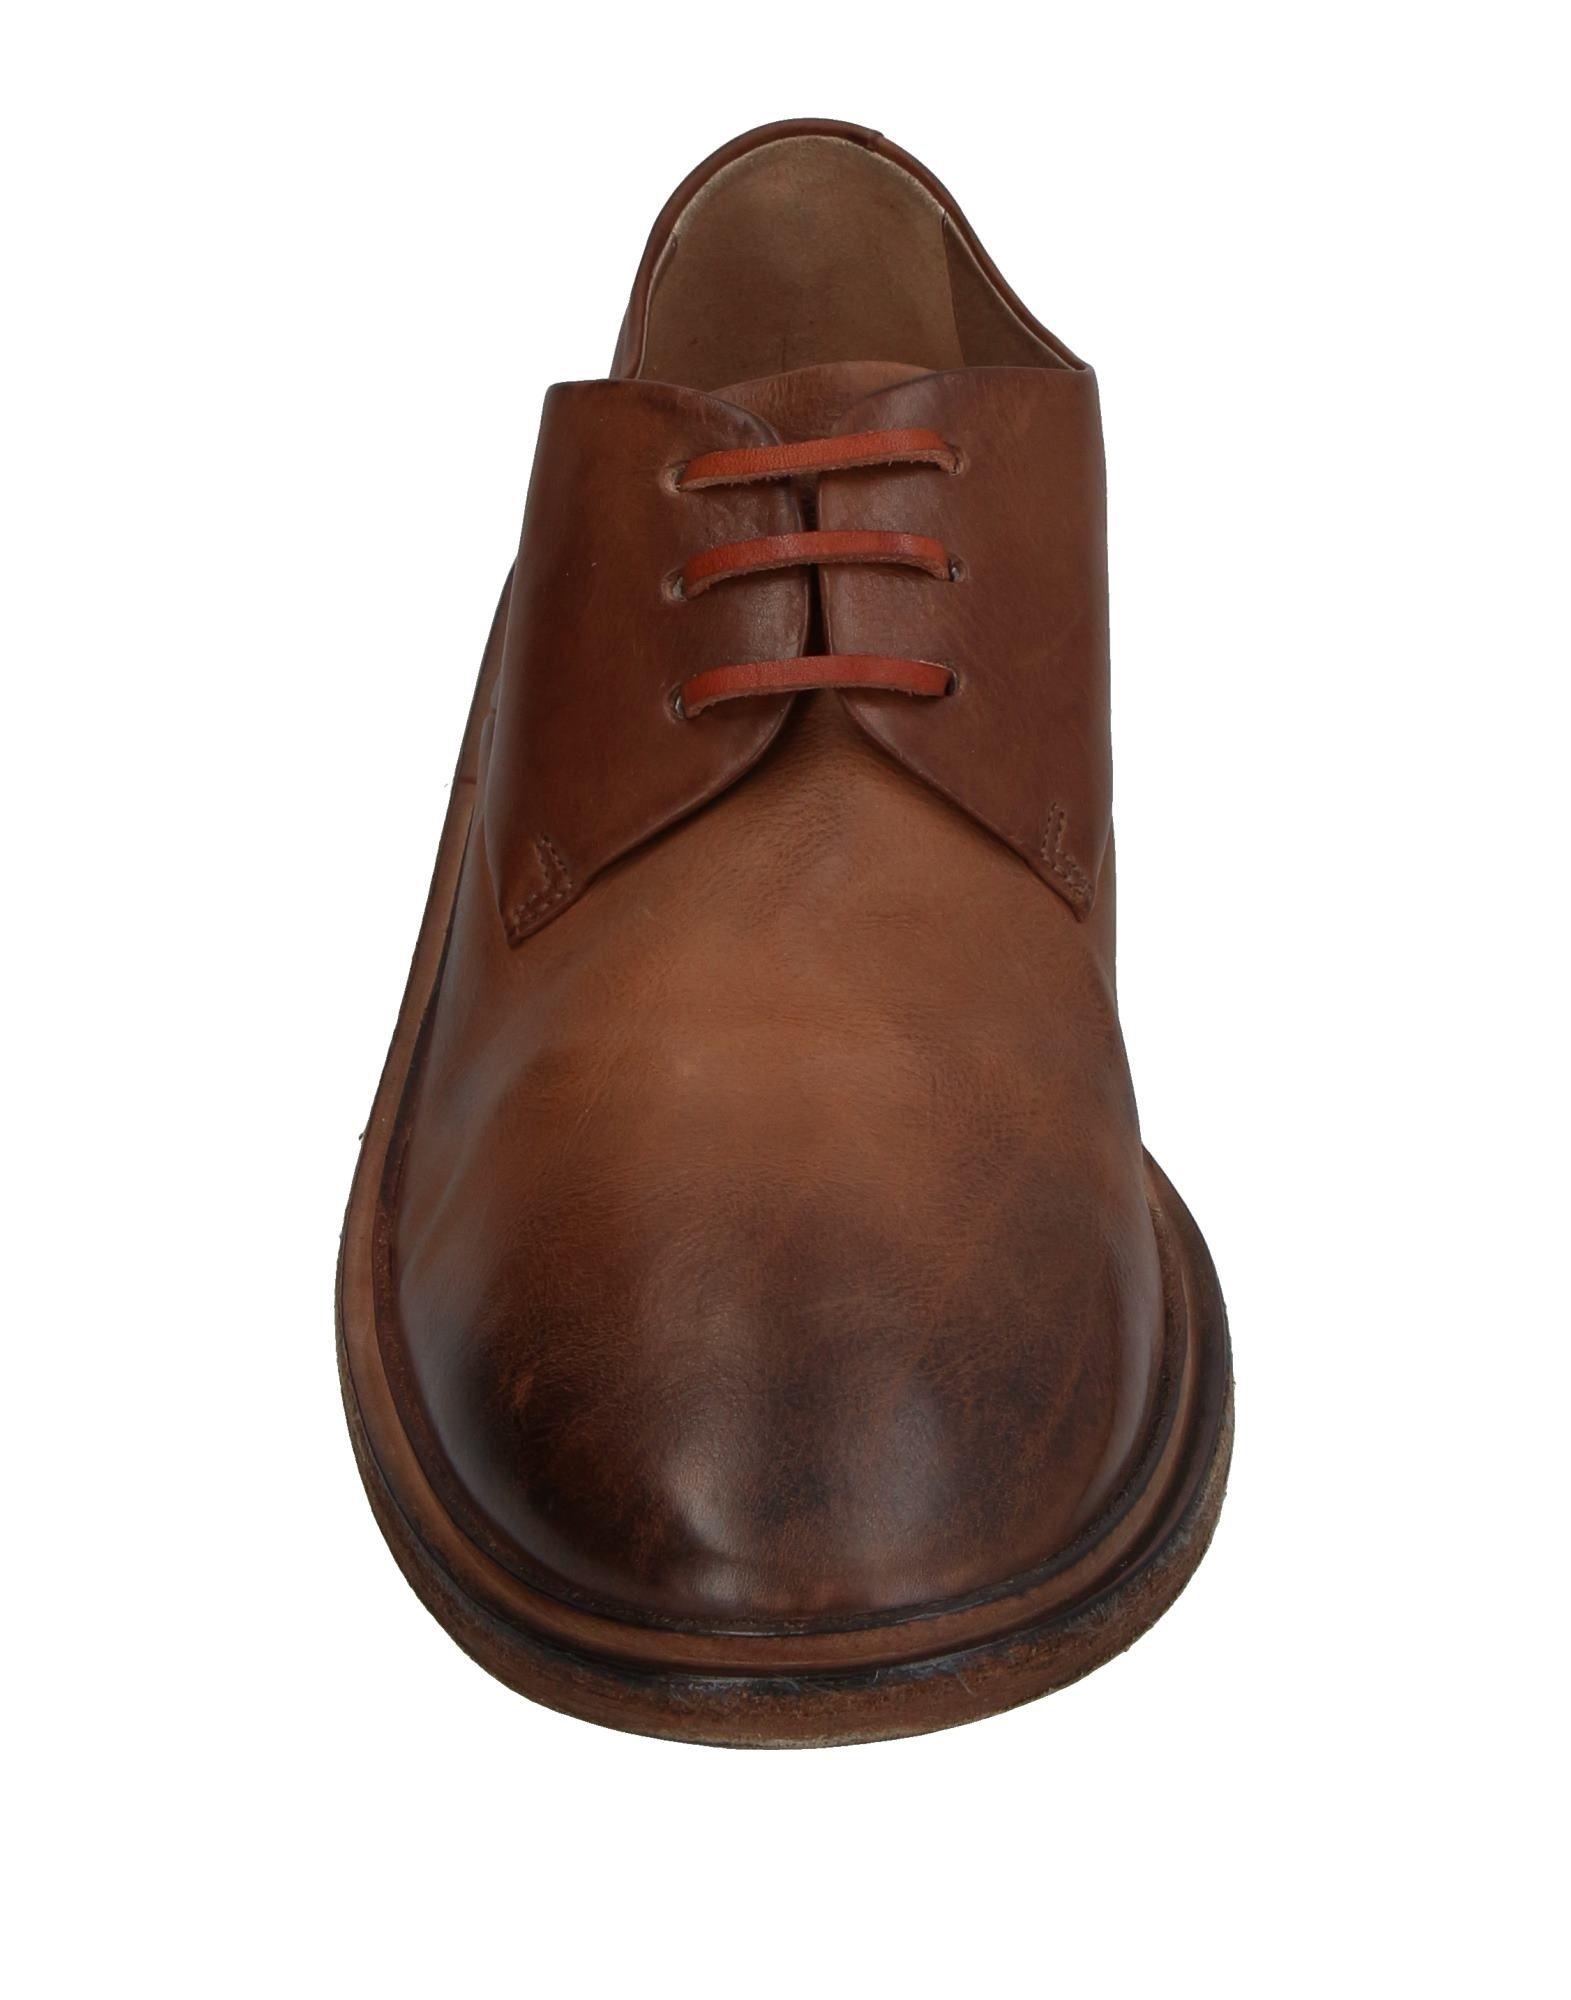 Marsèll Schnürschuhe Herren Qualität  11401372SG Gute Qualität Herren beliebte Schuhe 298c8f